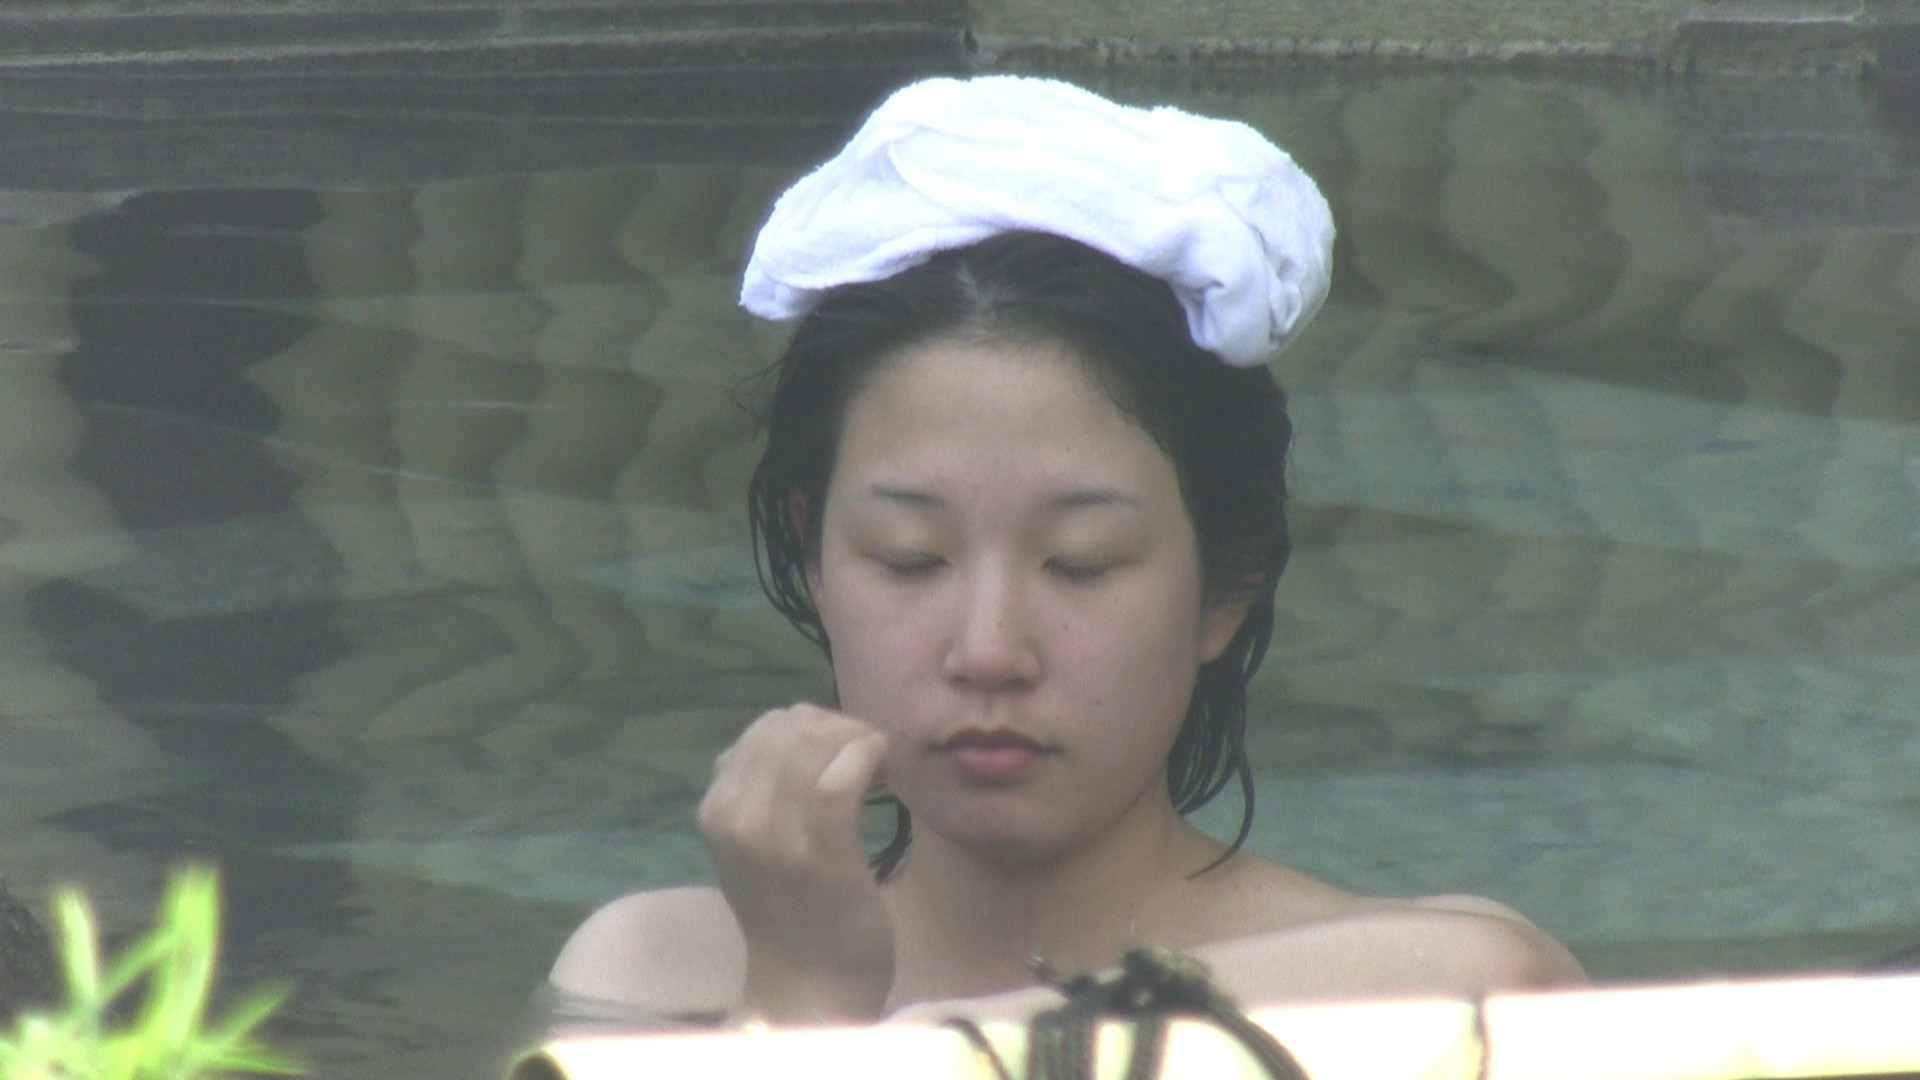 Aquaな露天風呂Vol.172 OL女体 スケベ動画紹介 60連発 35